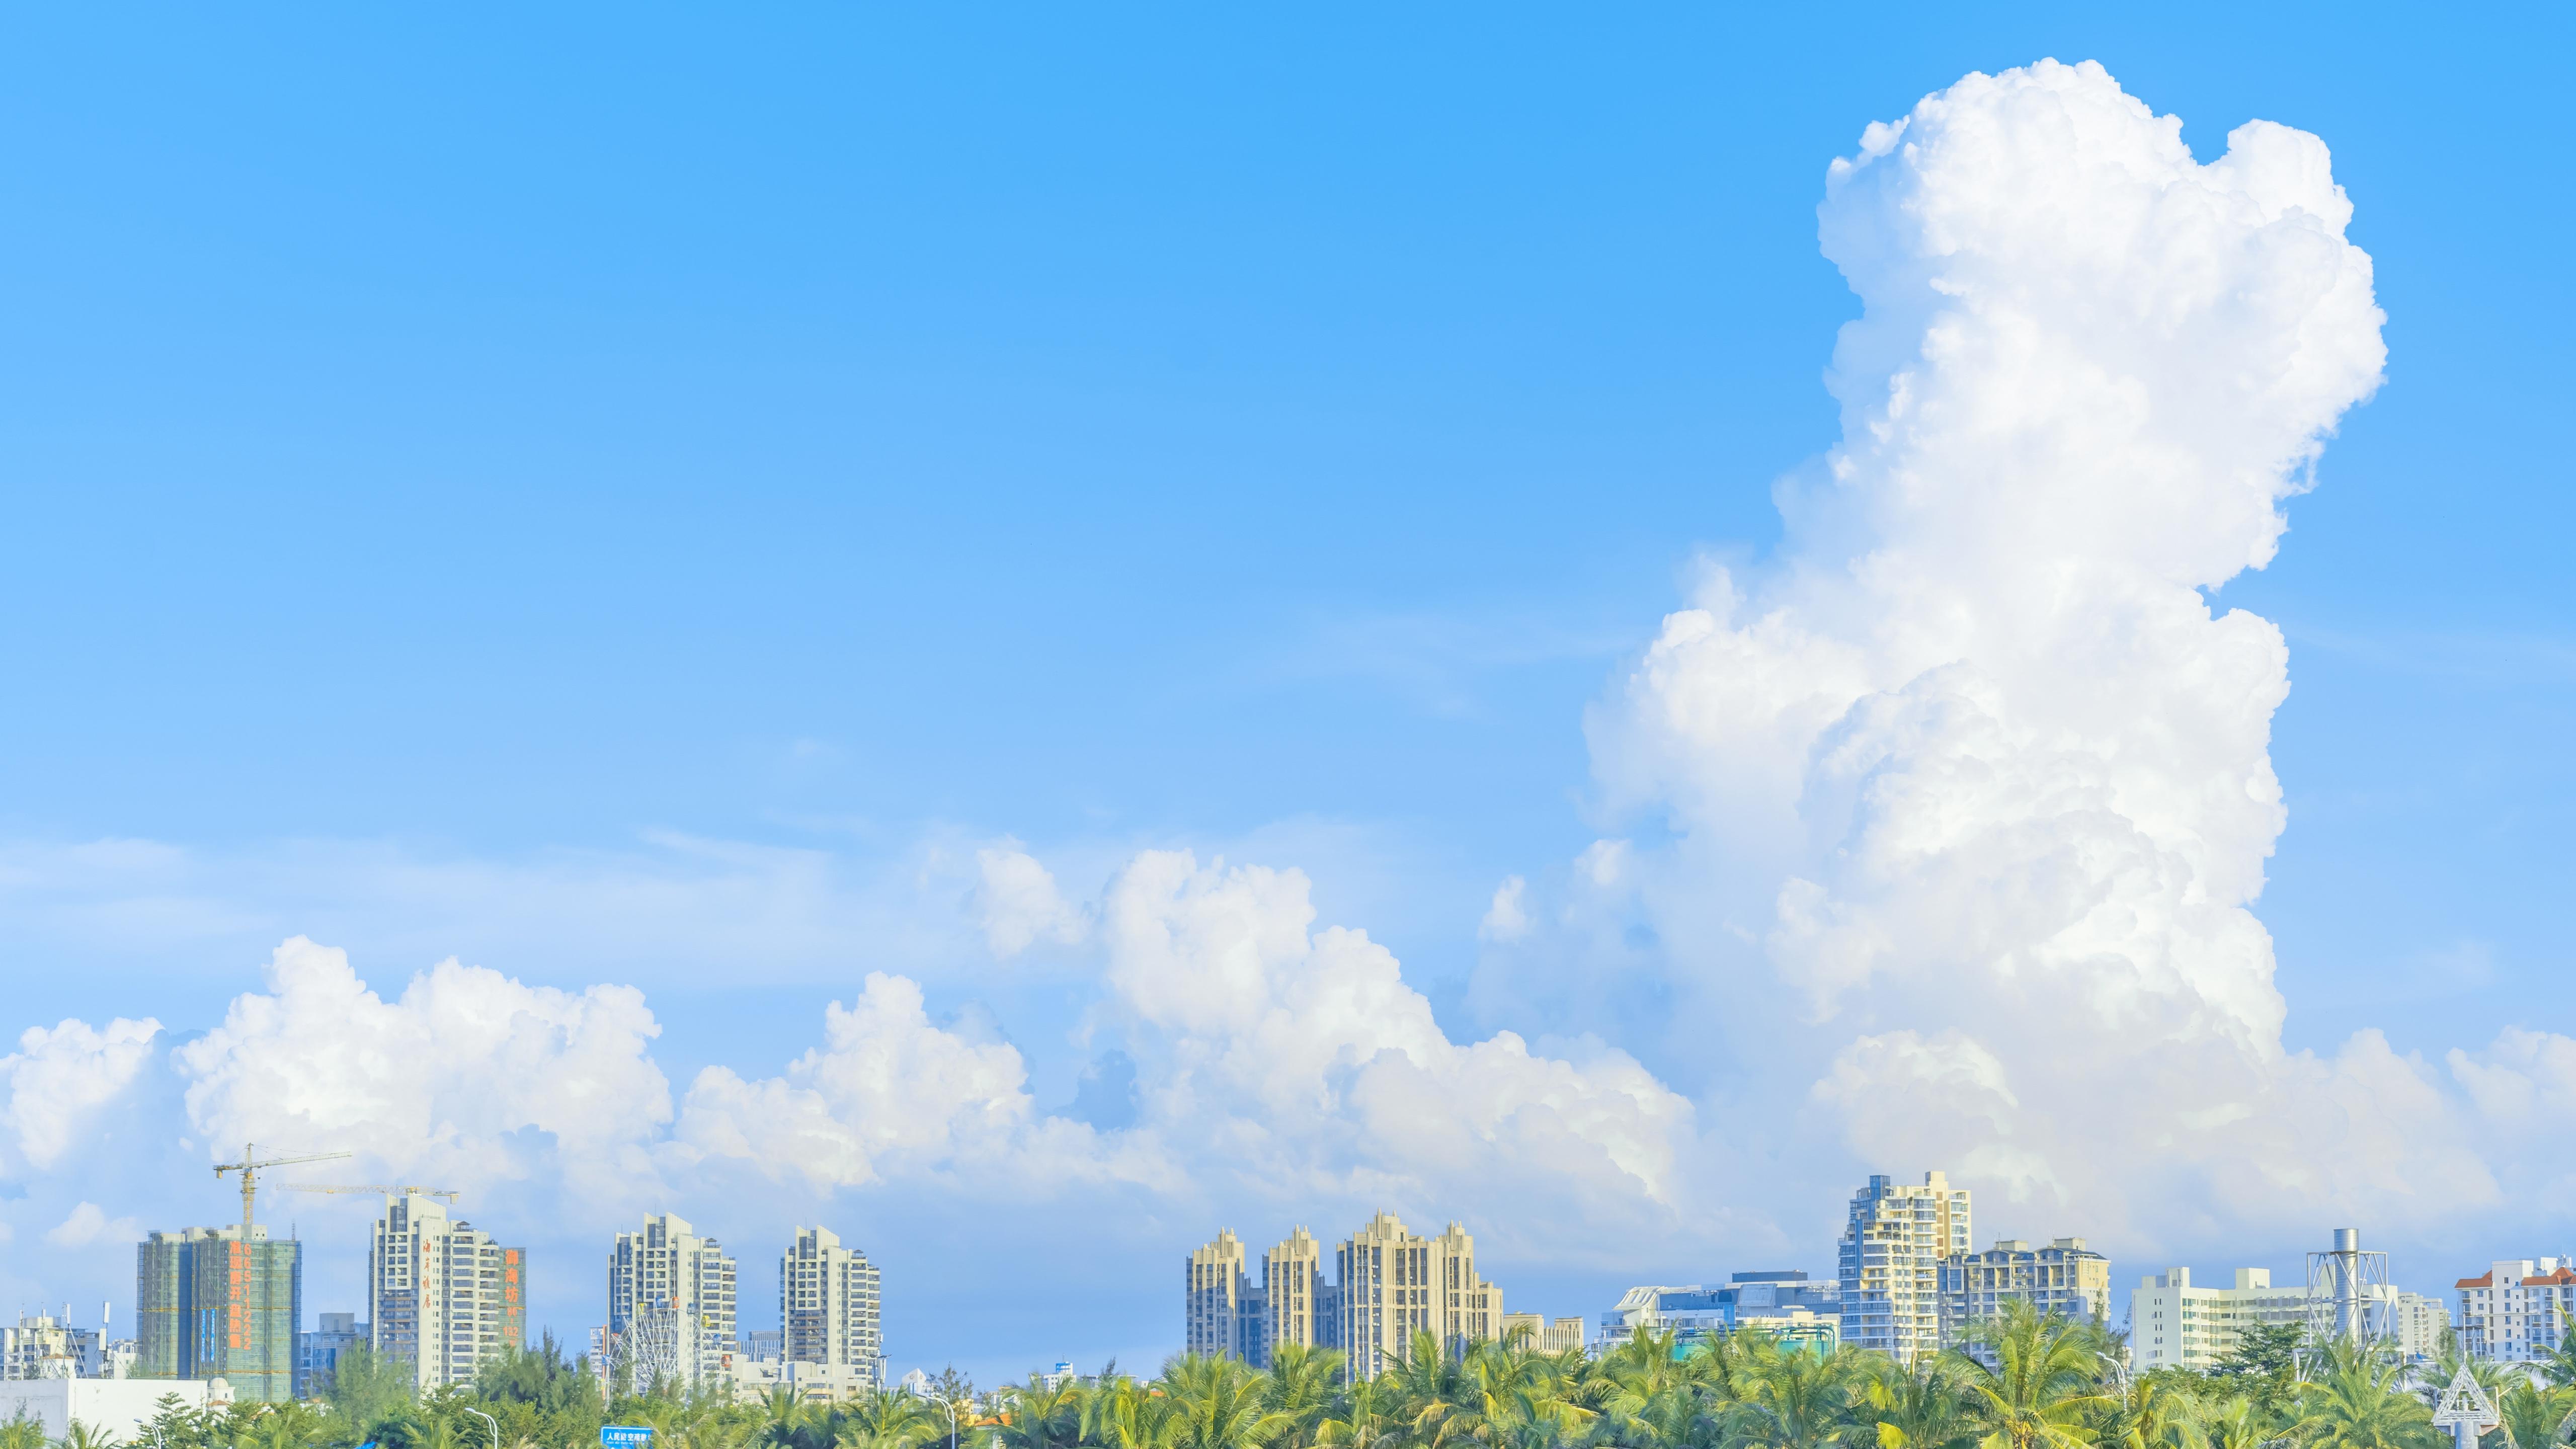 风景大片,蓝天白云,天空,,白云,,阳光明媚